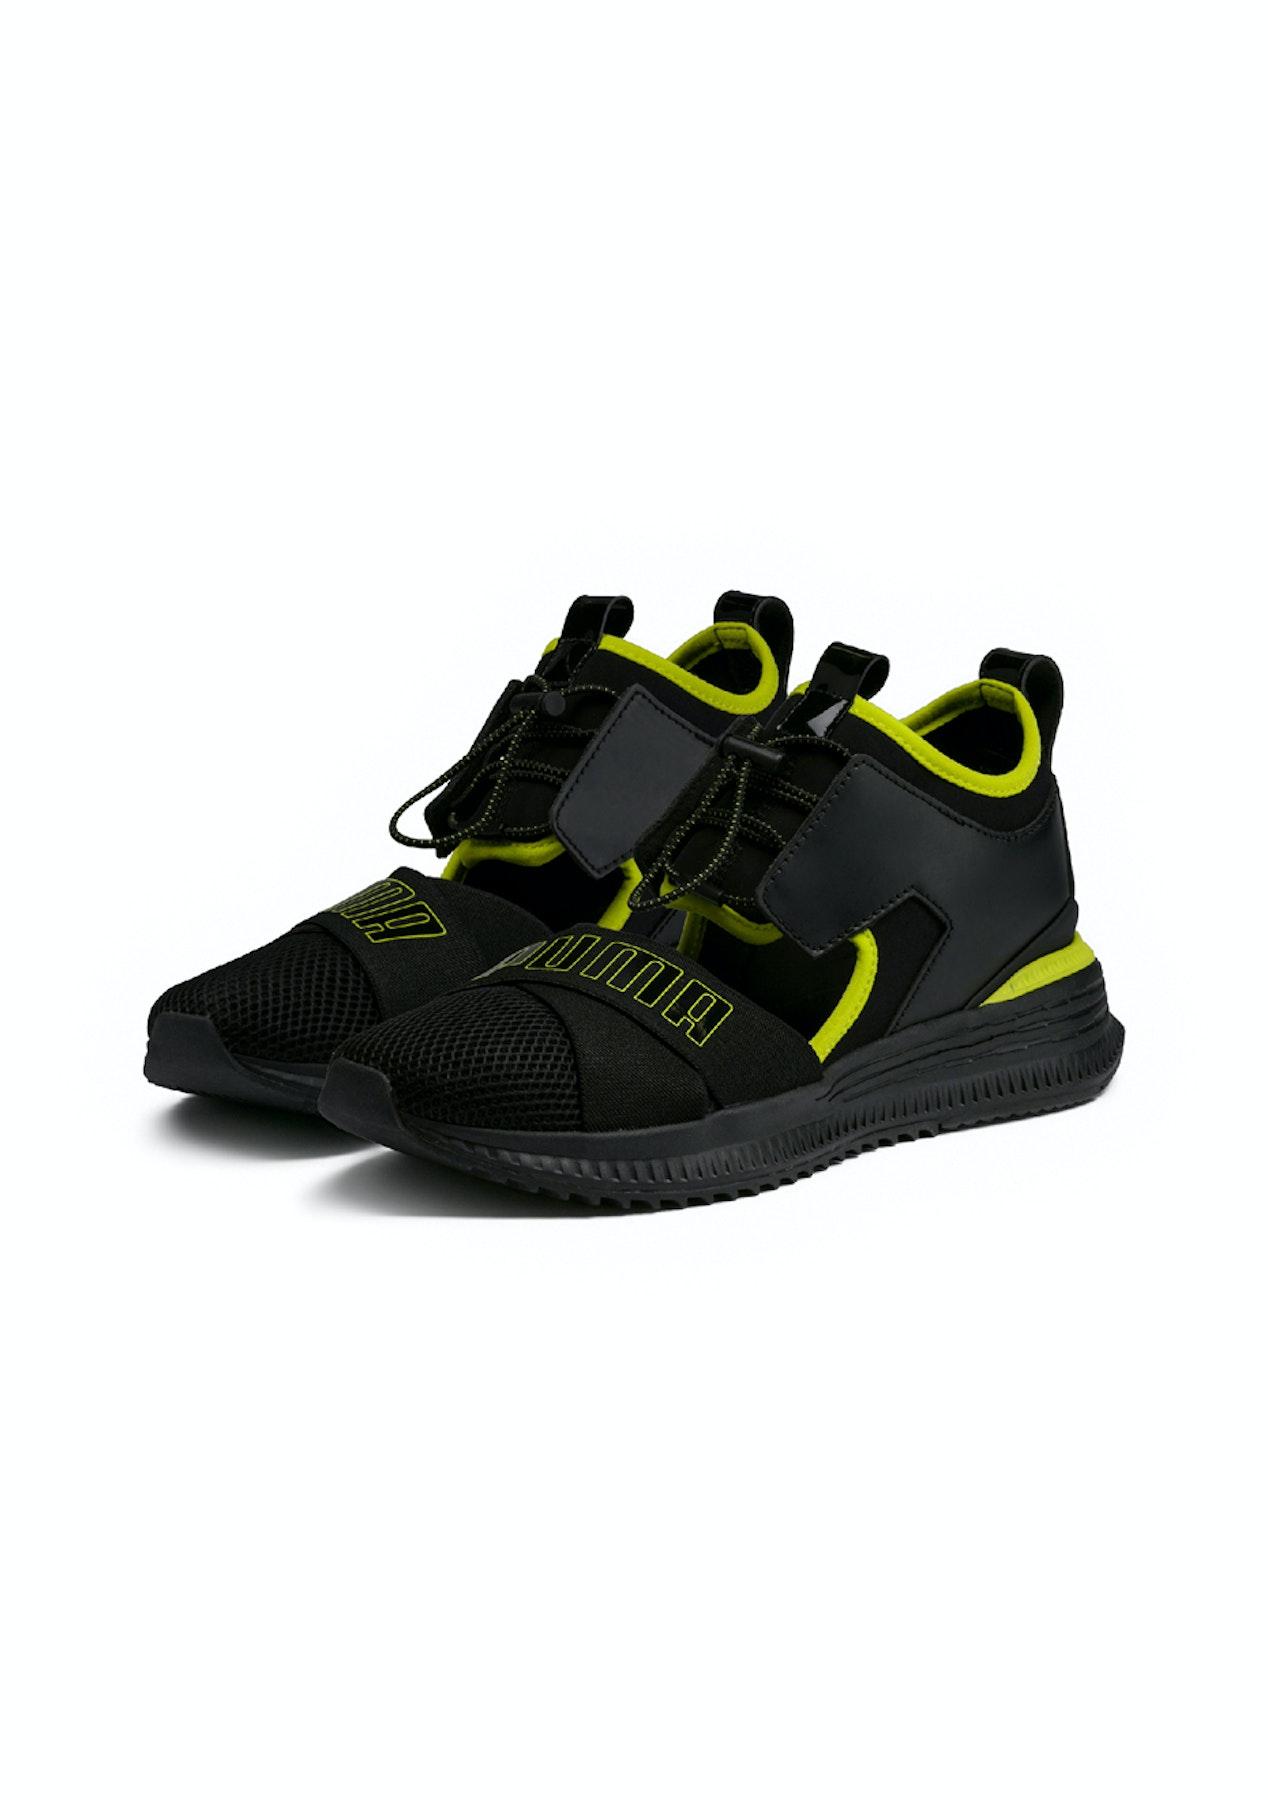 new arrival 8b0b0 e1697 FENTY Avid Womens Sneakers